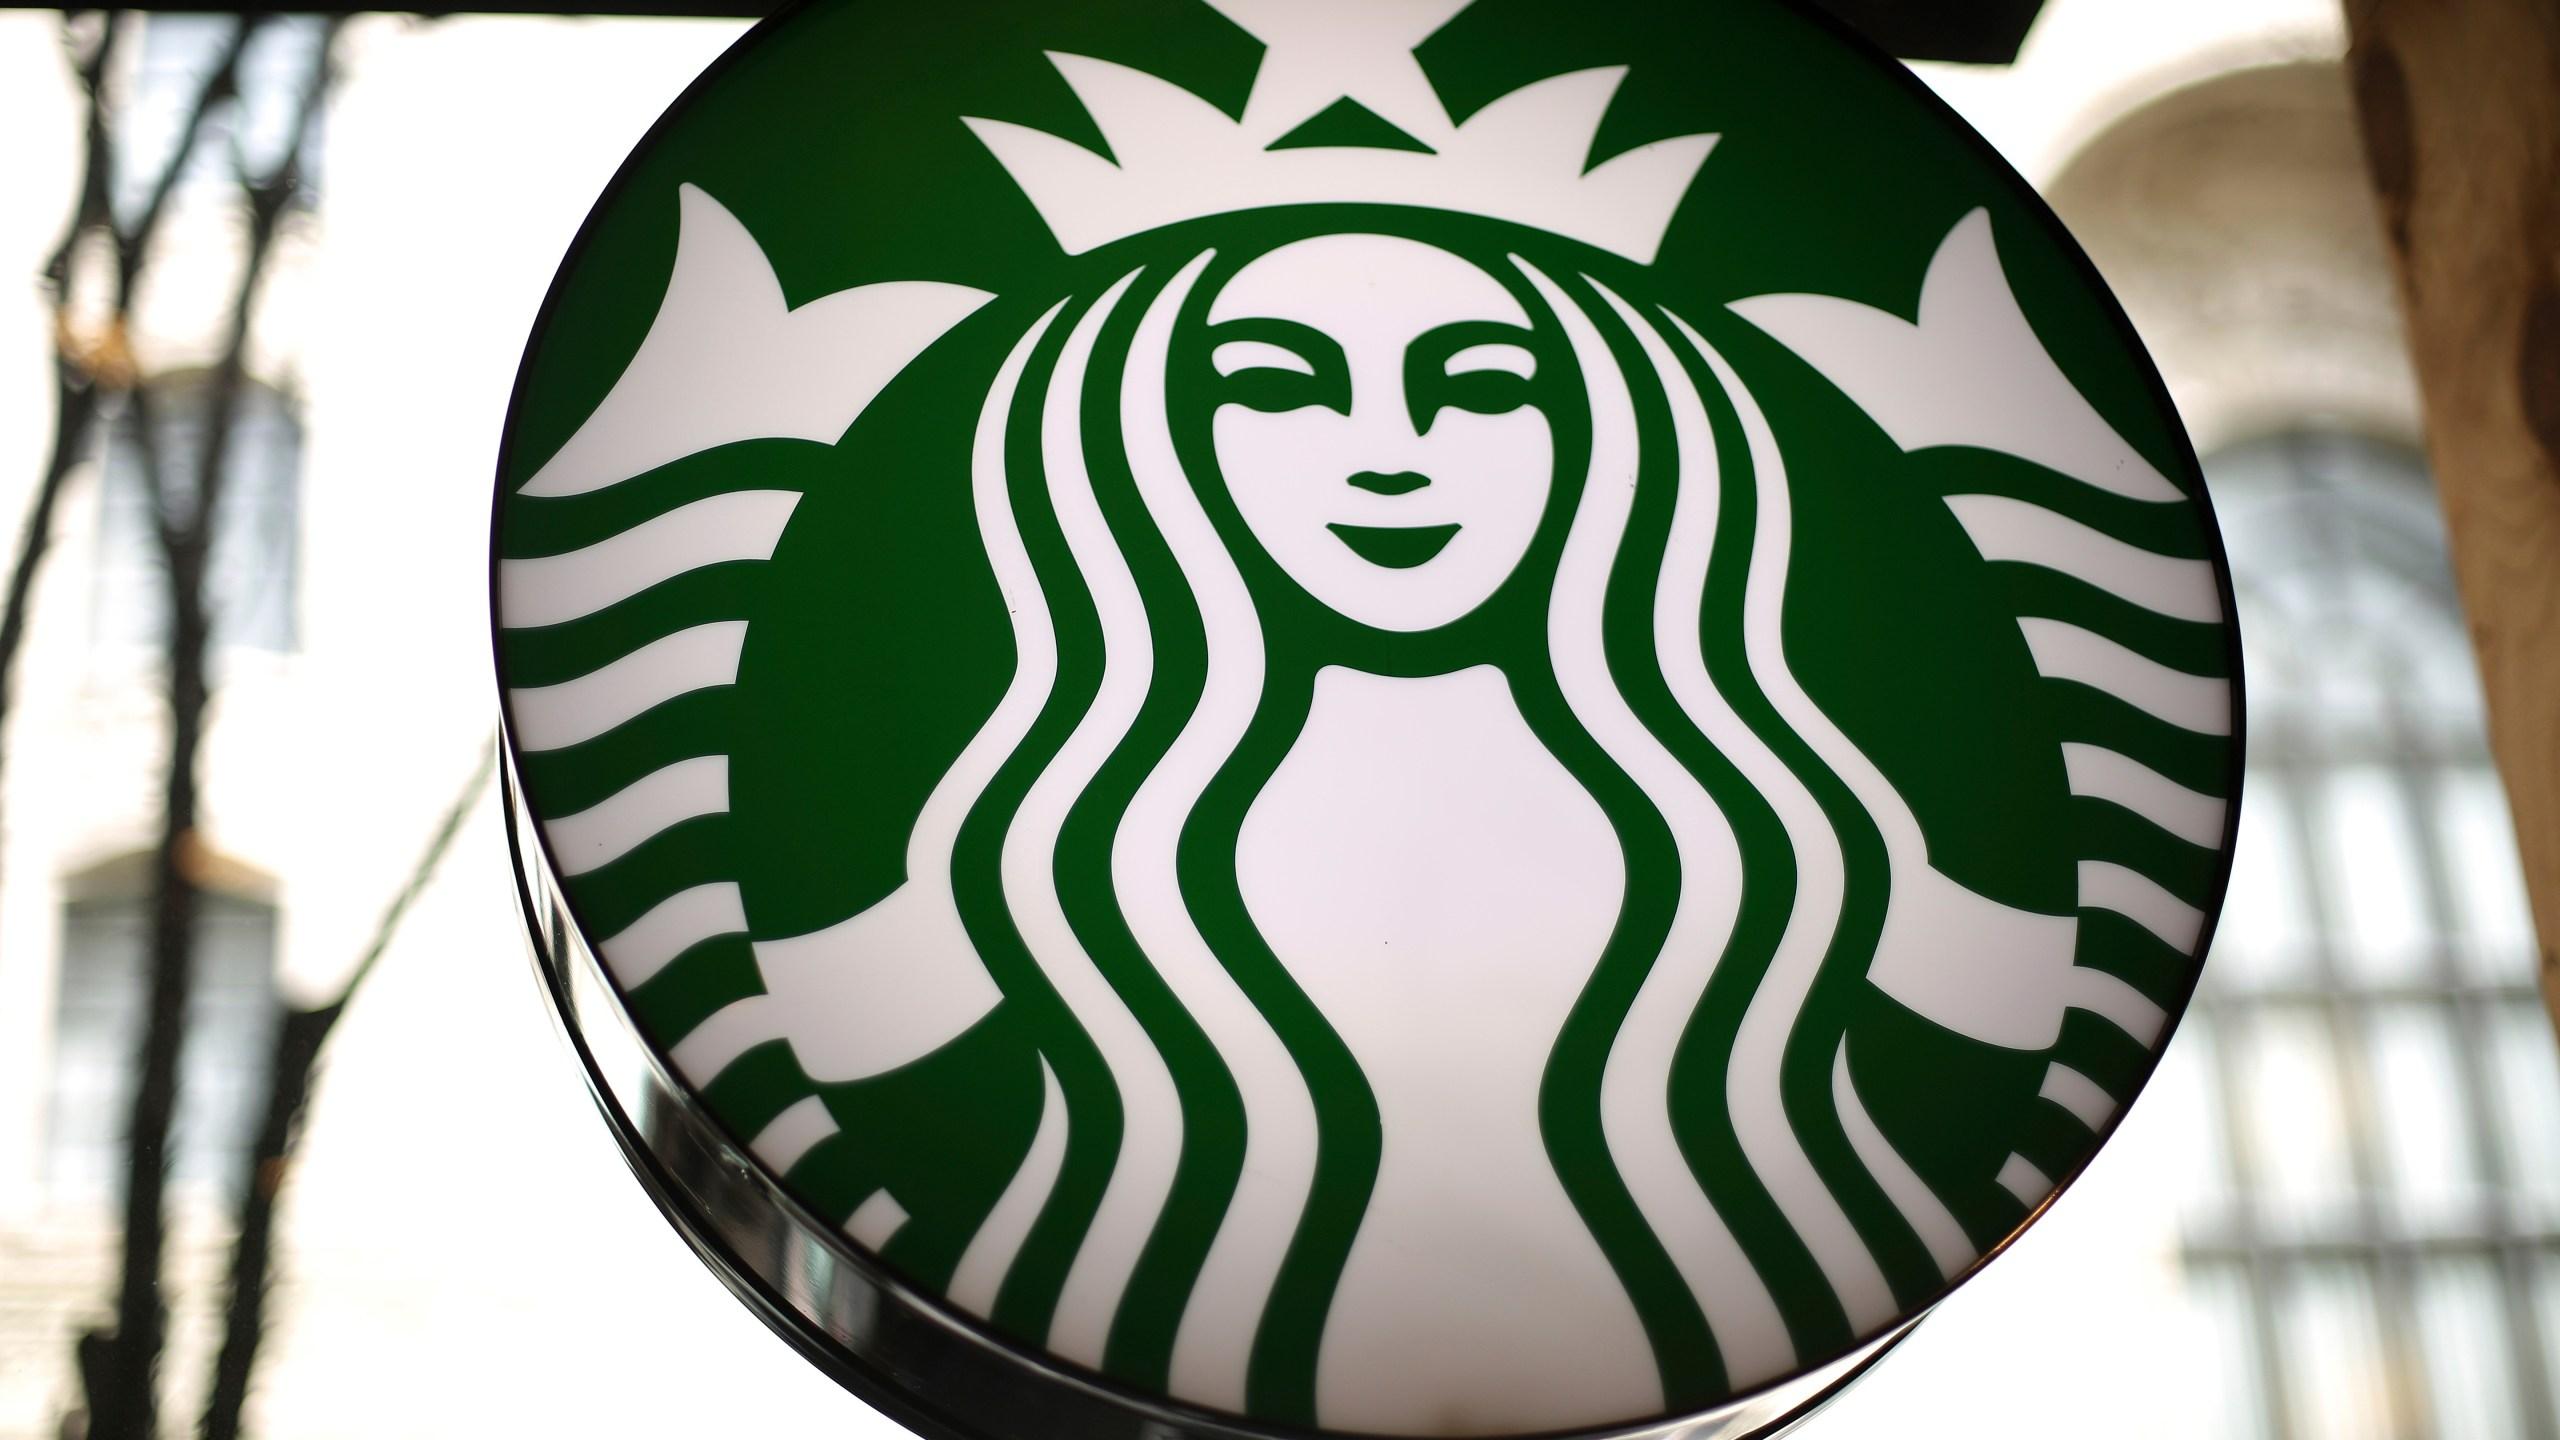 Earns_Starbucks_22313-159532.jpg32522517